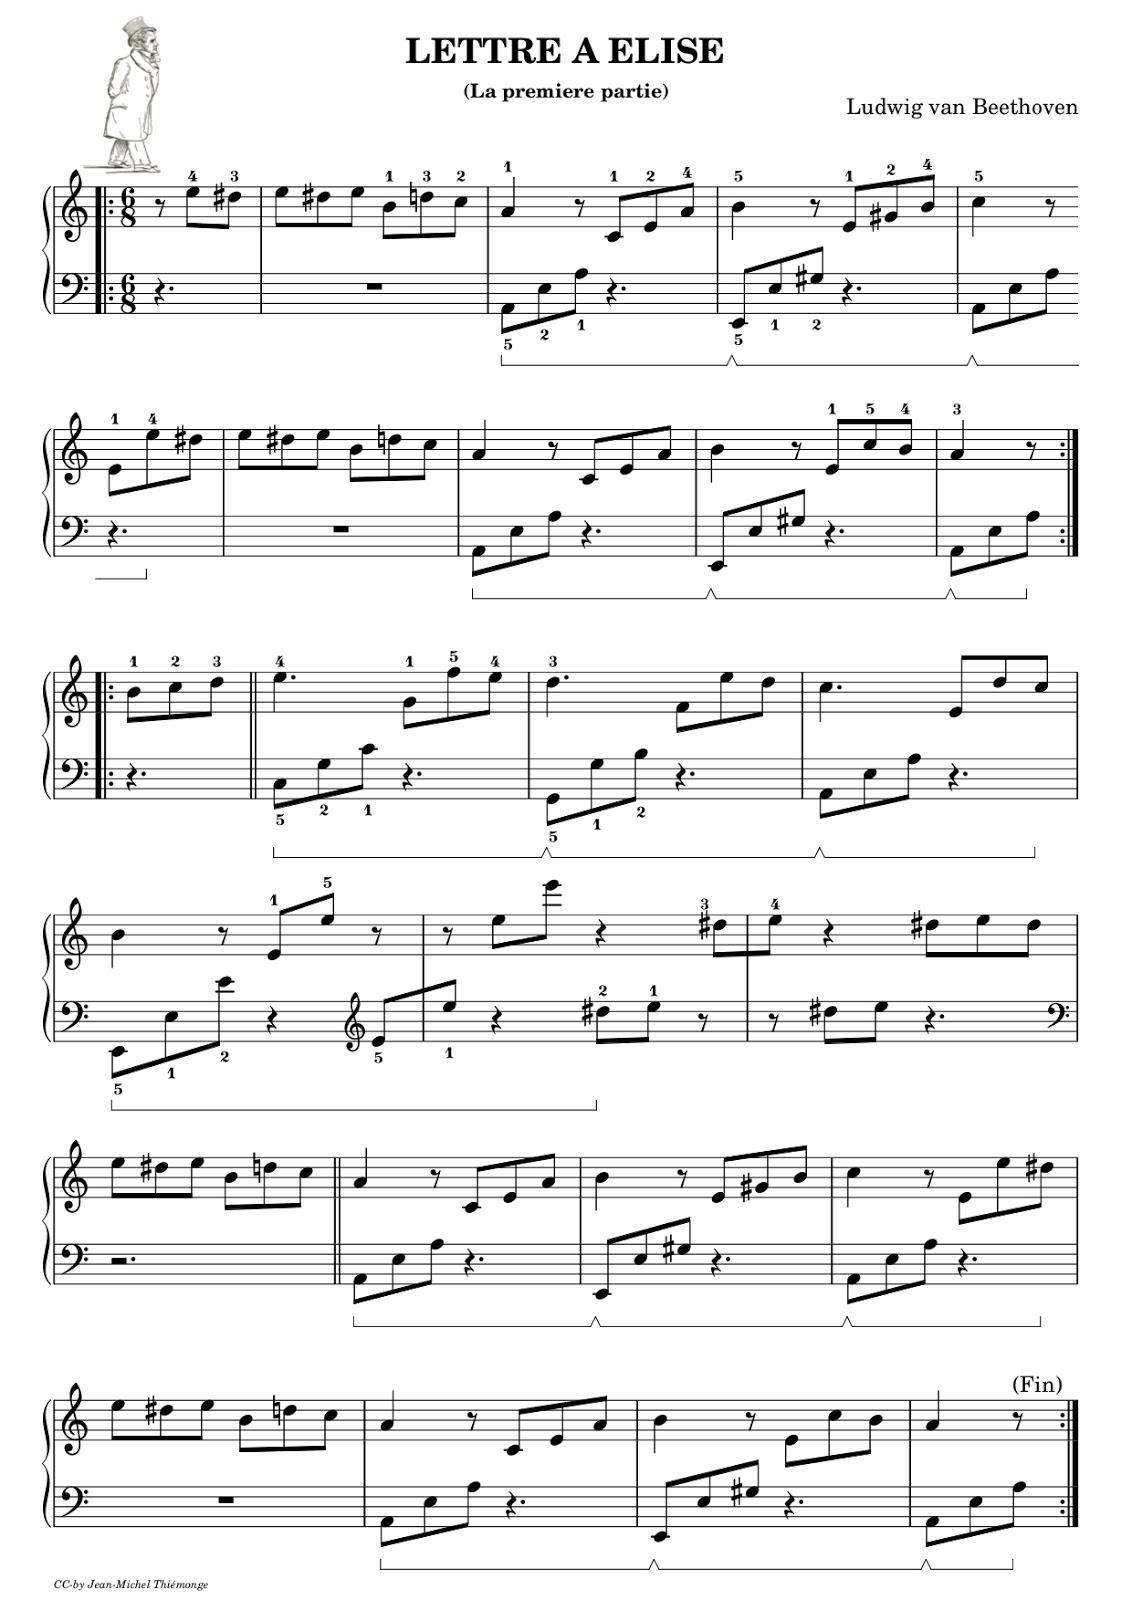 lettre a elise PIANO GNU  :